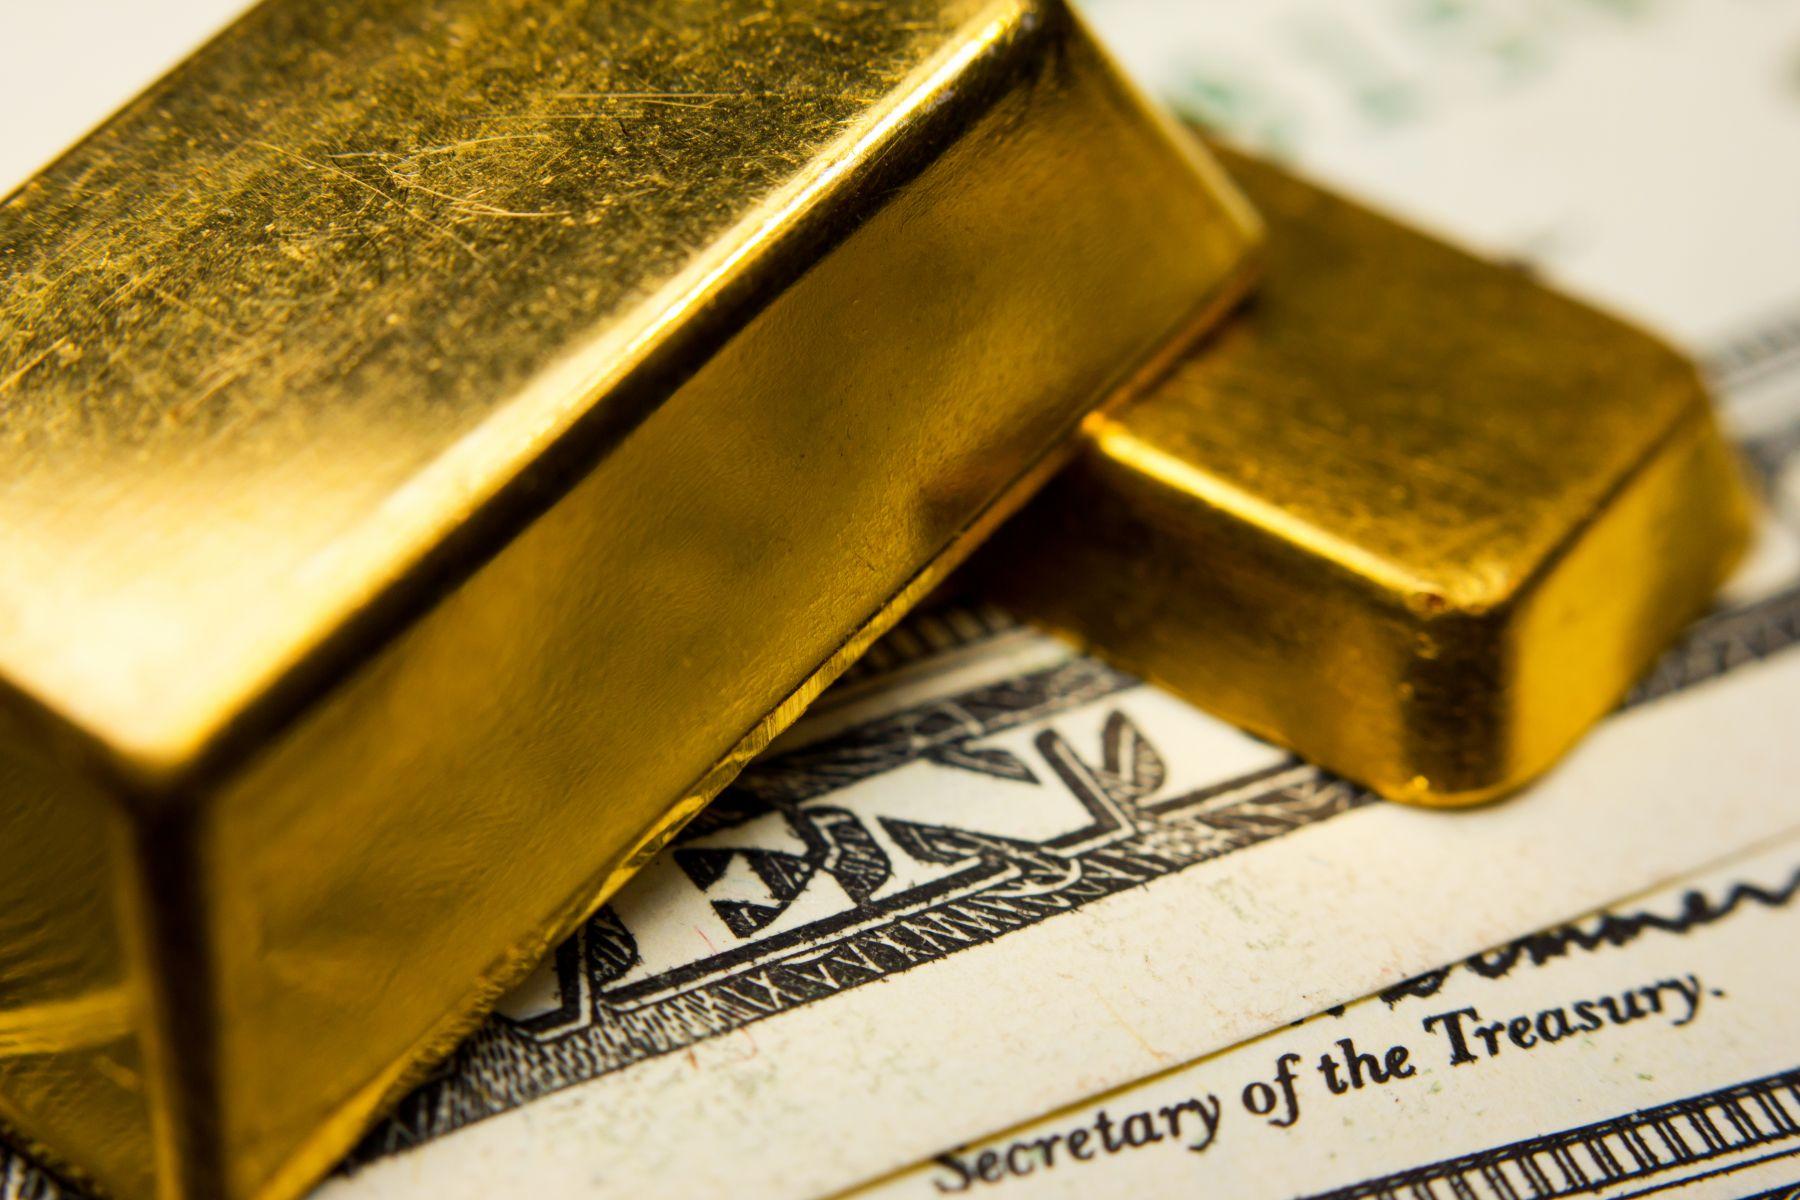 強勢美元將告終 黃金明年有望飆至1400美元